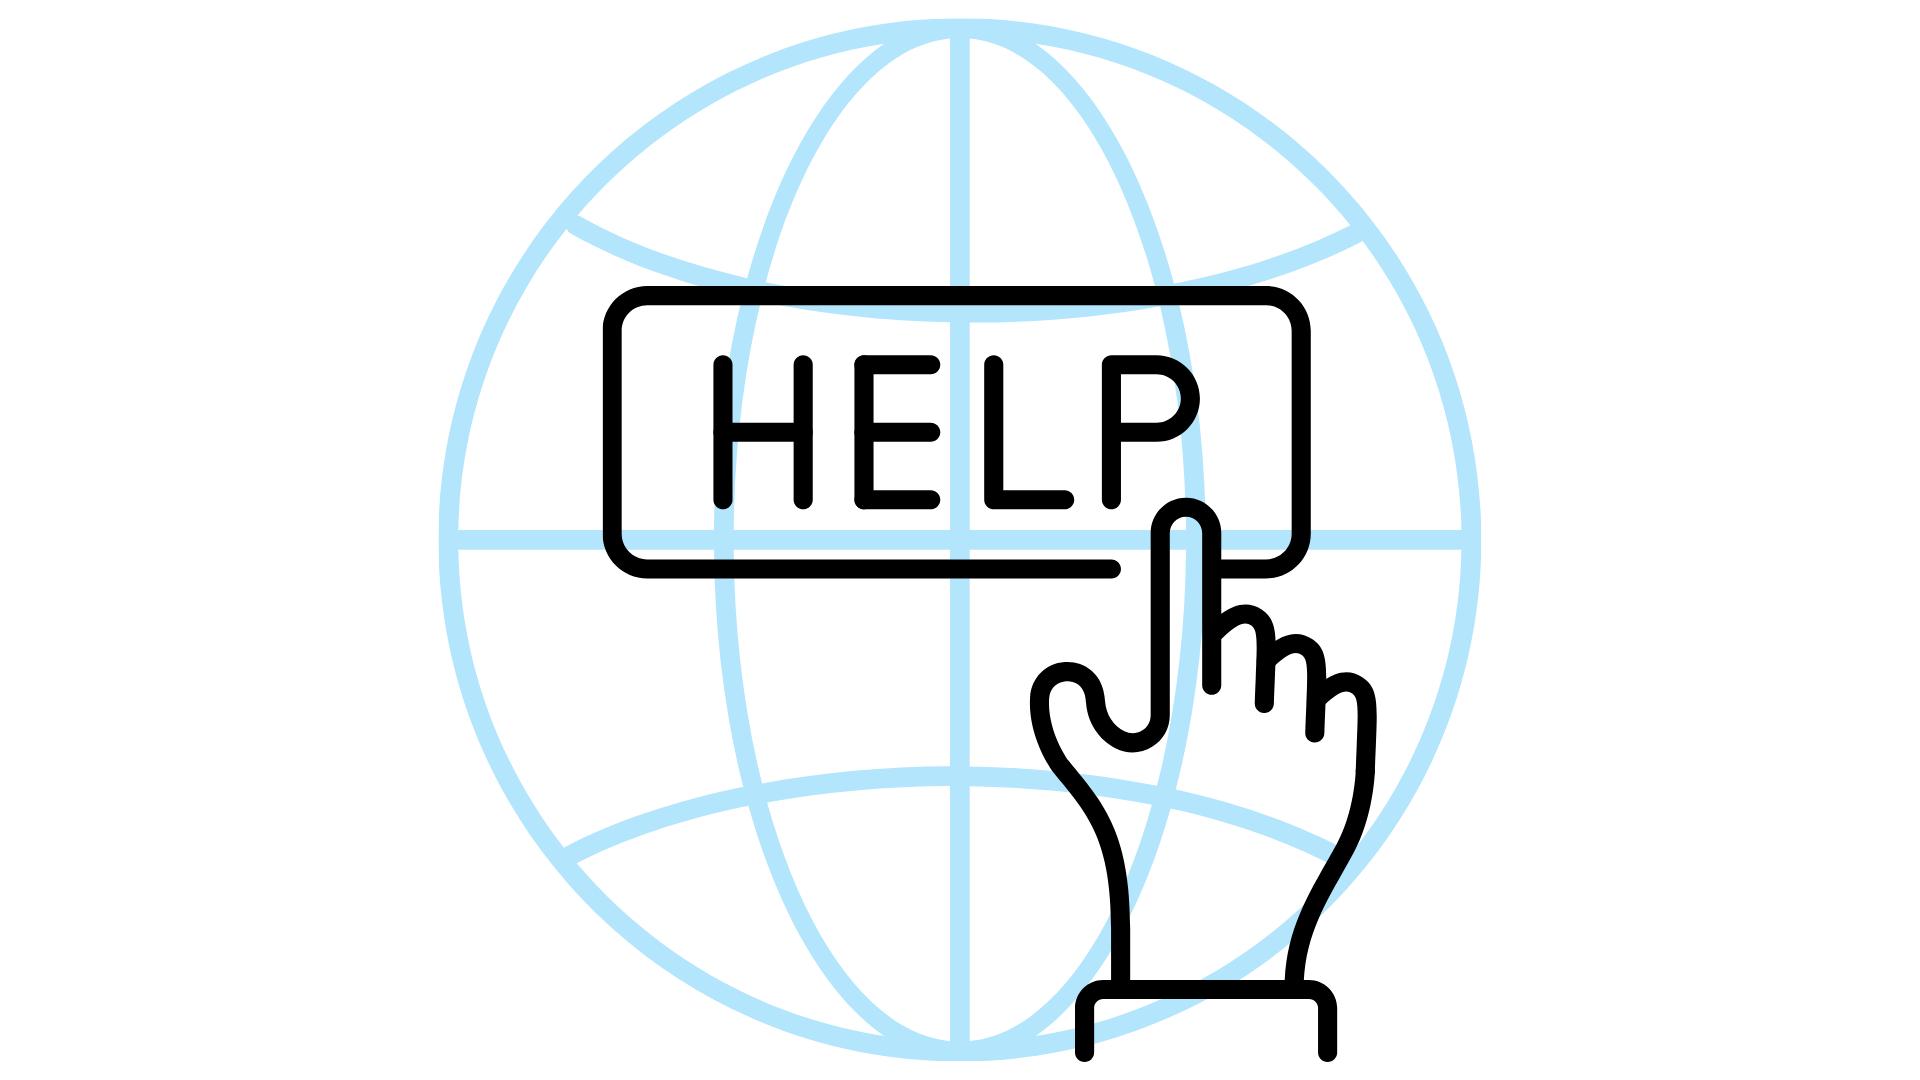 Help understanding the internet